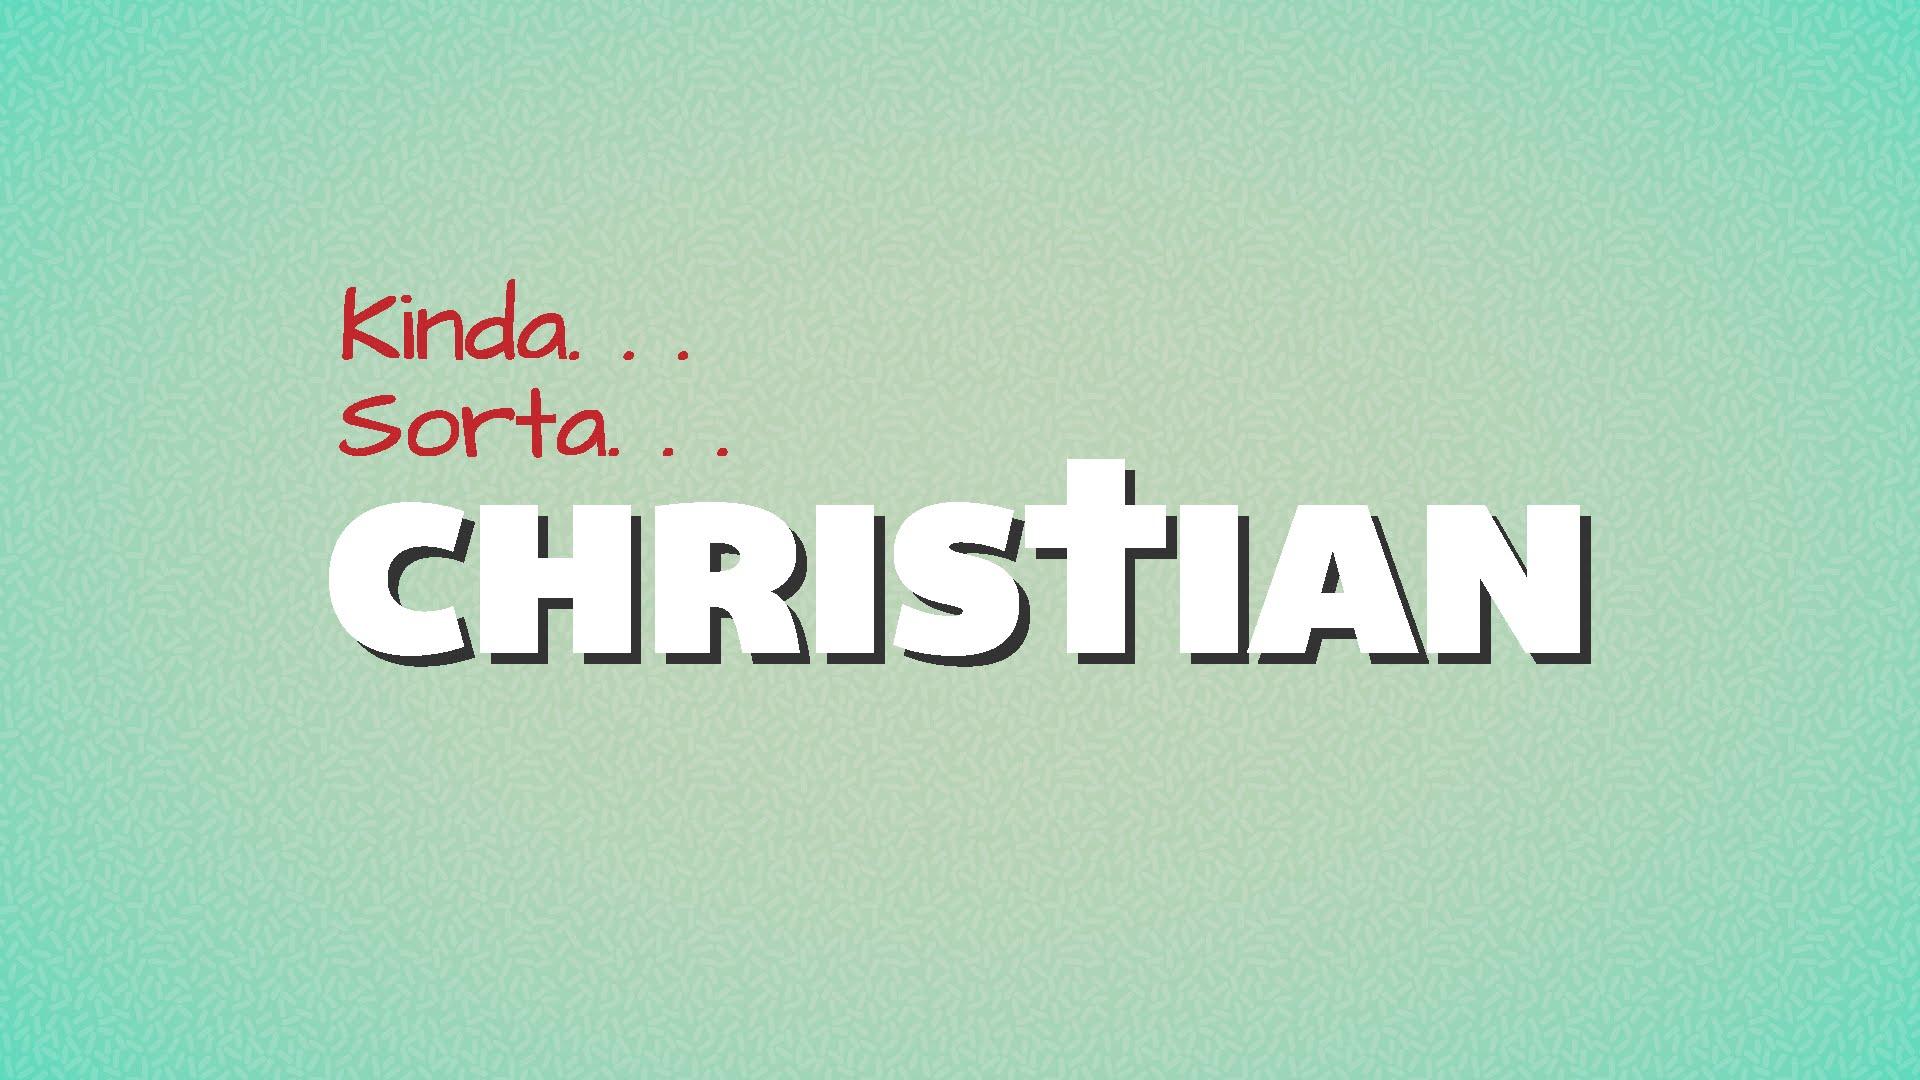 Ich bin ein Christ, aber ich will Gott meinen Weg